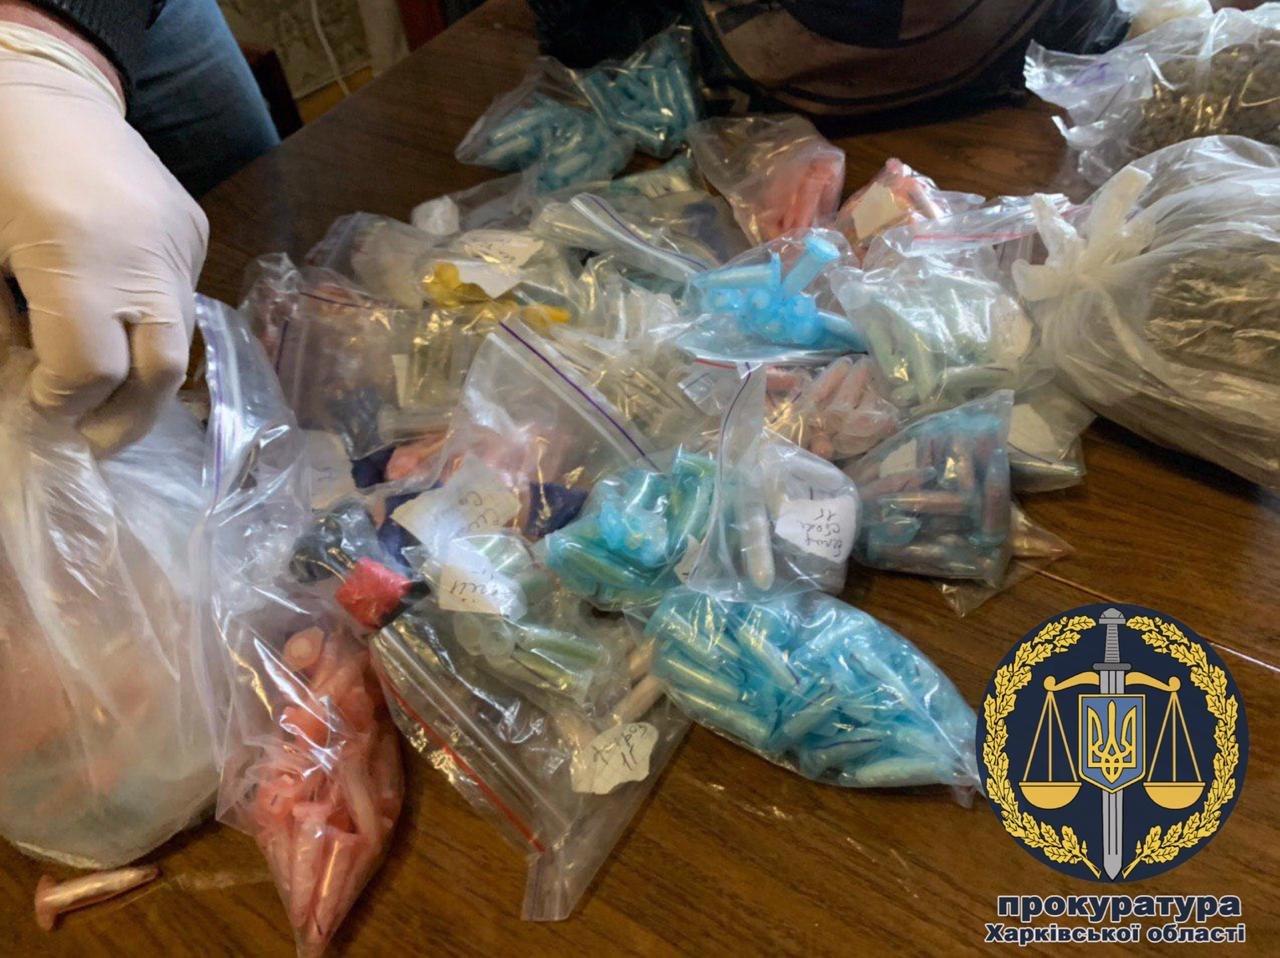 В Харькове 22-летняя девушка организовала у себя дома «оптовый склад» наркотиков, - ФОТО, фото-4